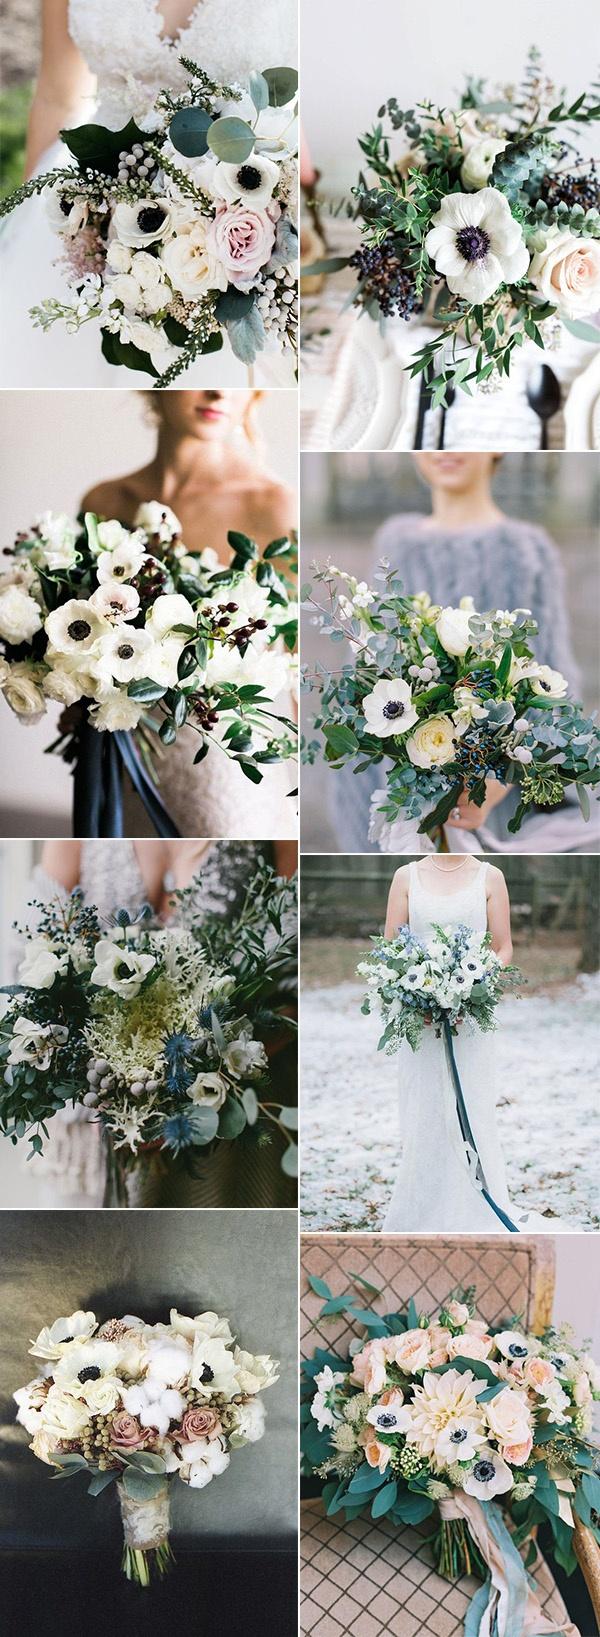 2019 trending wedding bouquets